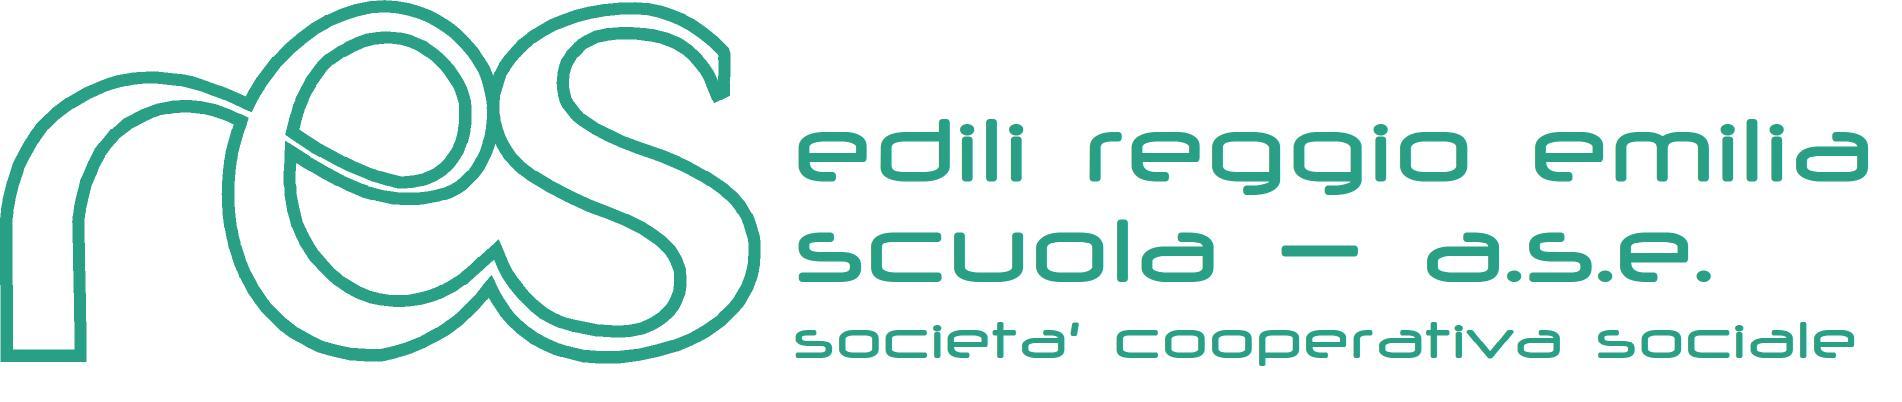 RES - edili Reggio Emilia scuola